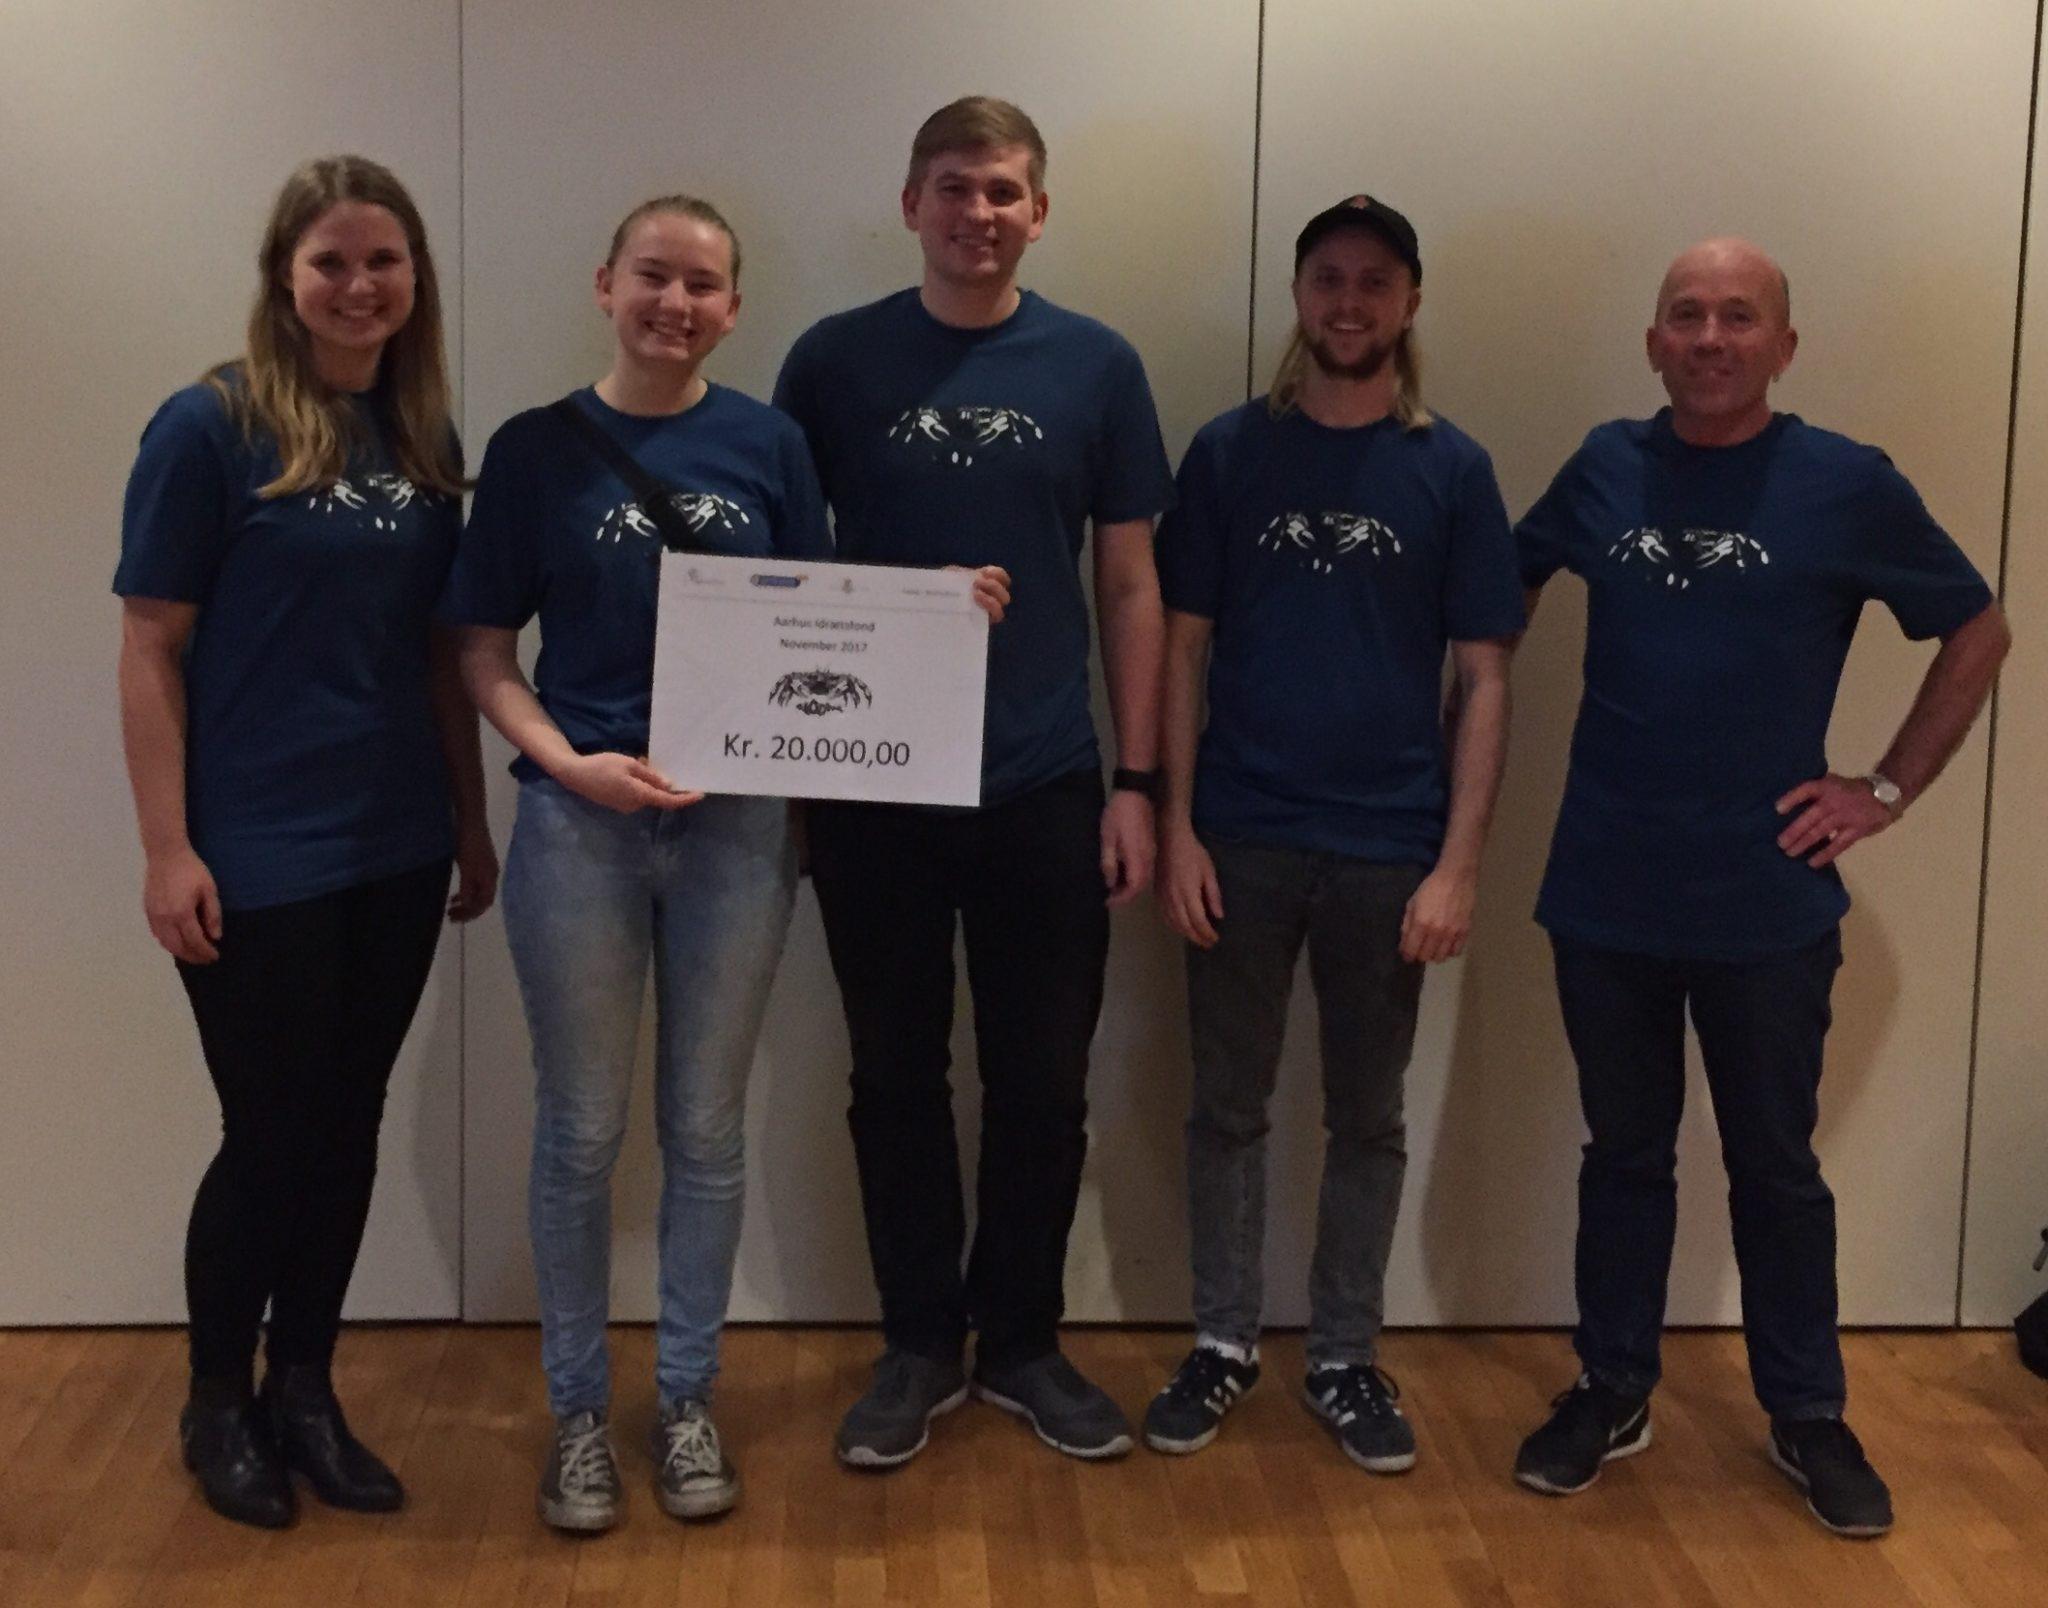 Uddeling af fondsmidler ved Aarhus Idrætsfond